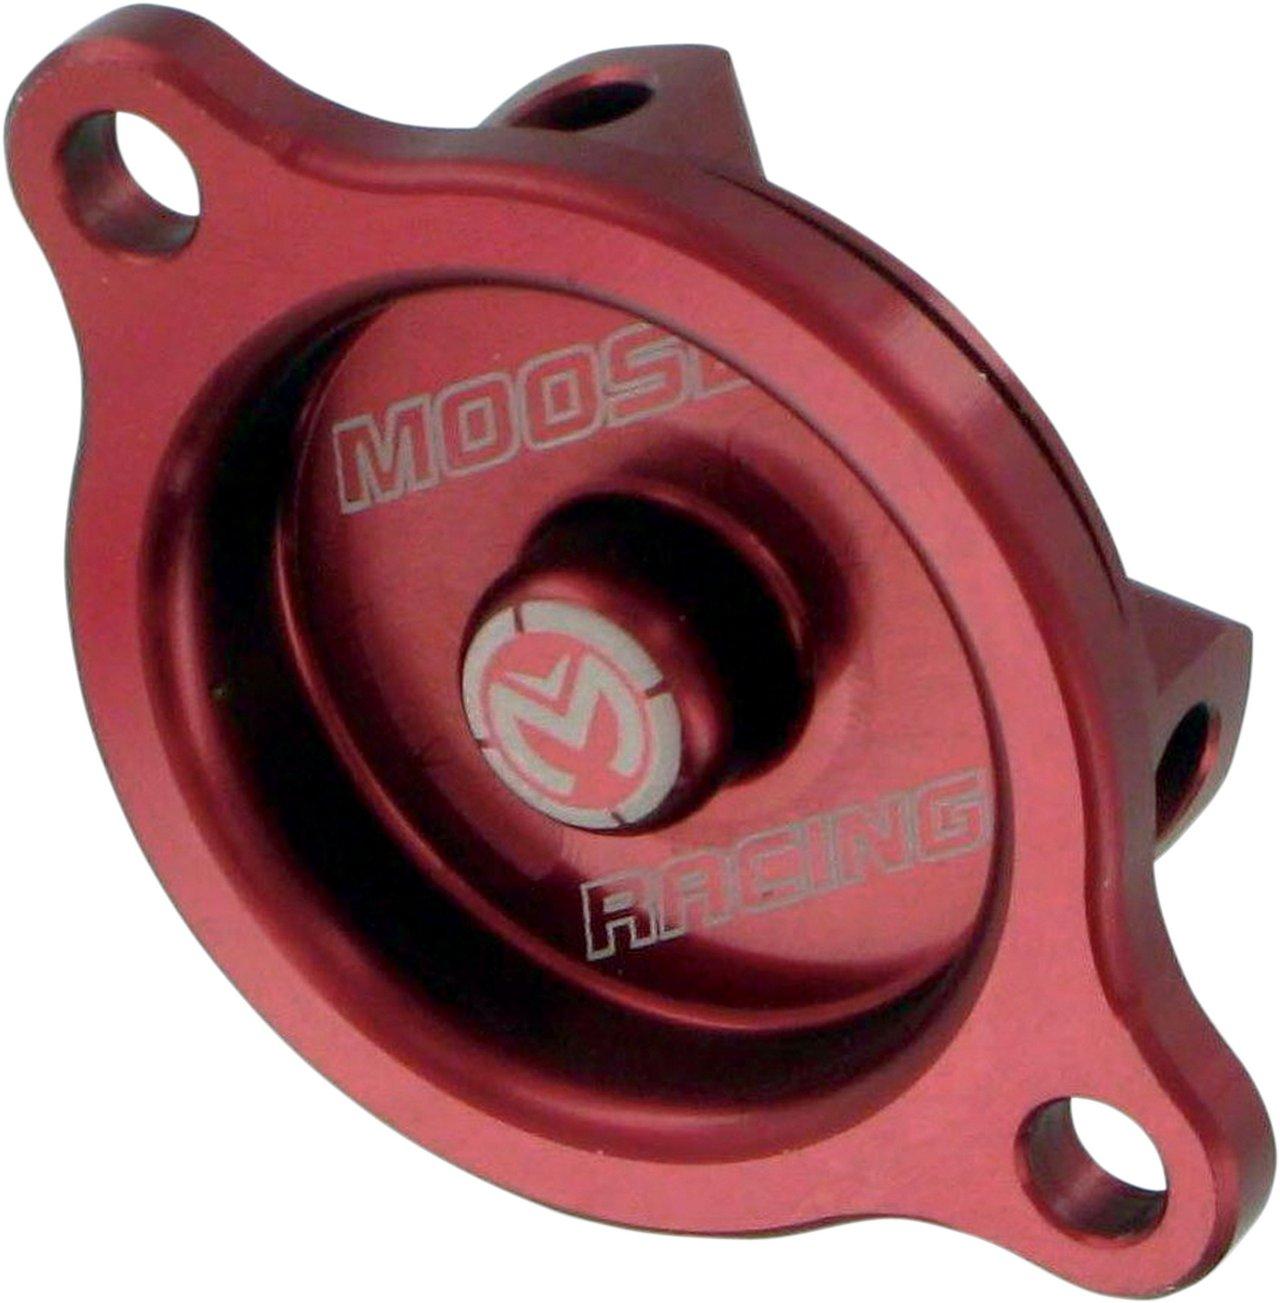 【MOOSE RACING】磁性機油濾芯蓋 ZIP-TY [0940-0728] - 「Webike-摩托百貨」